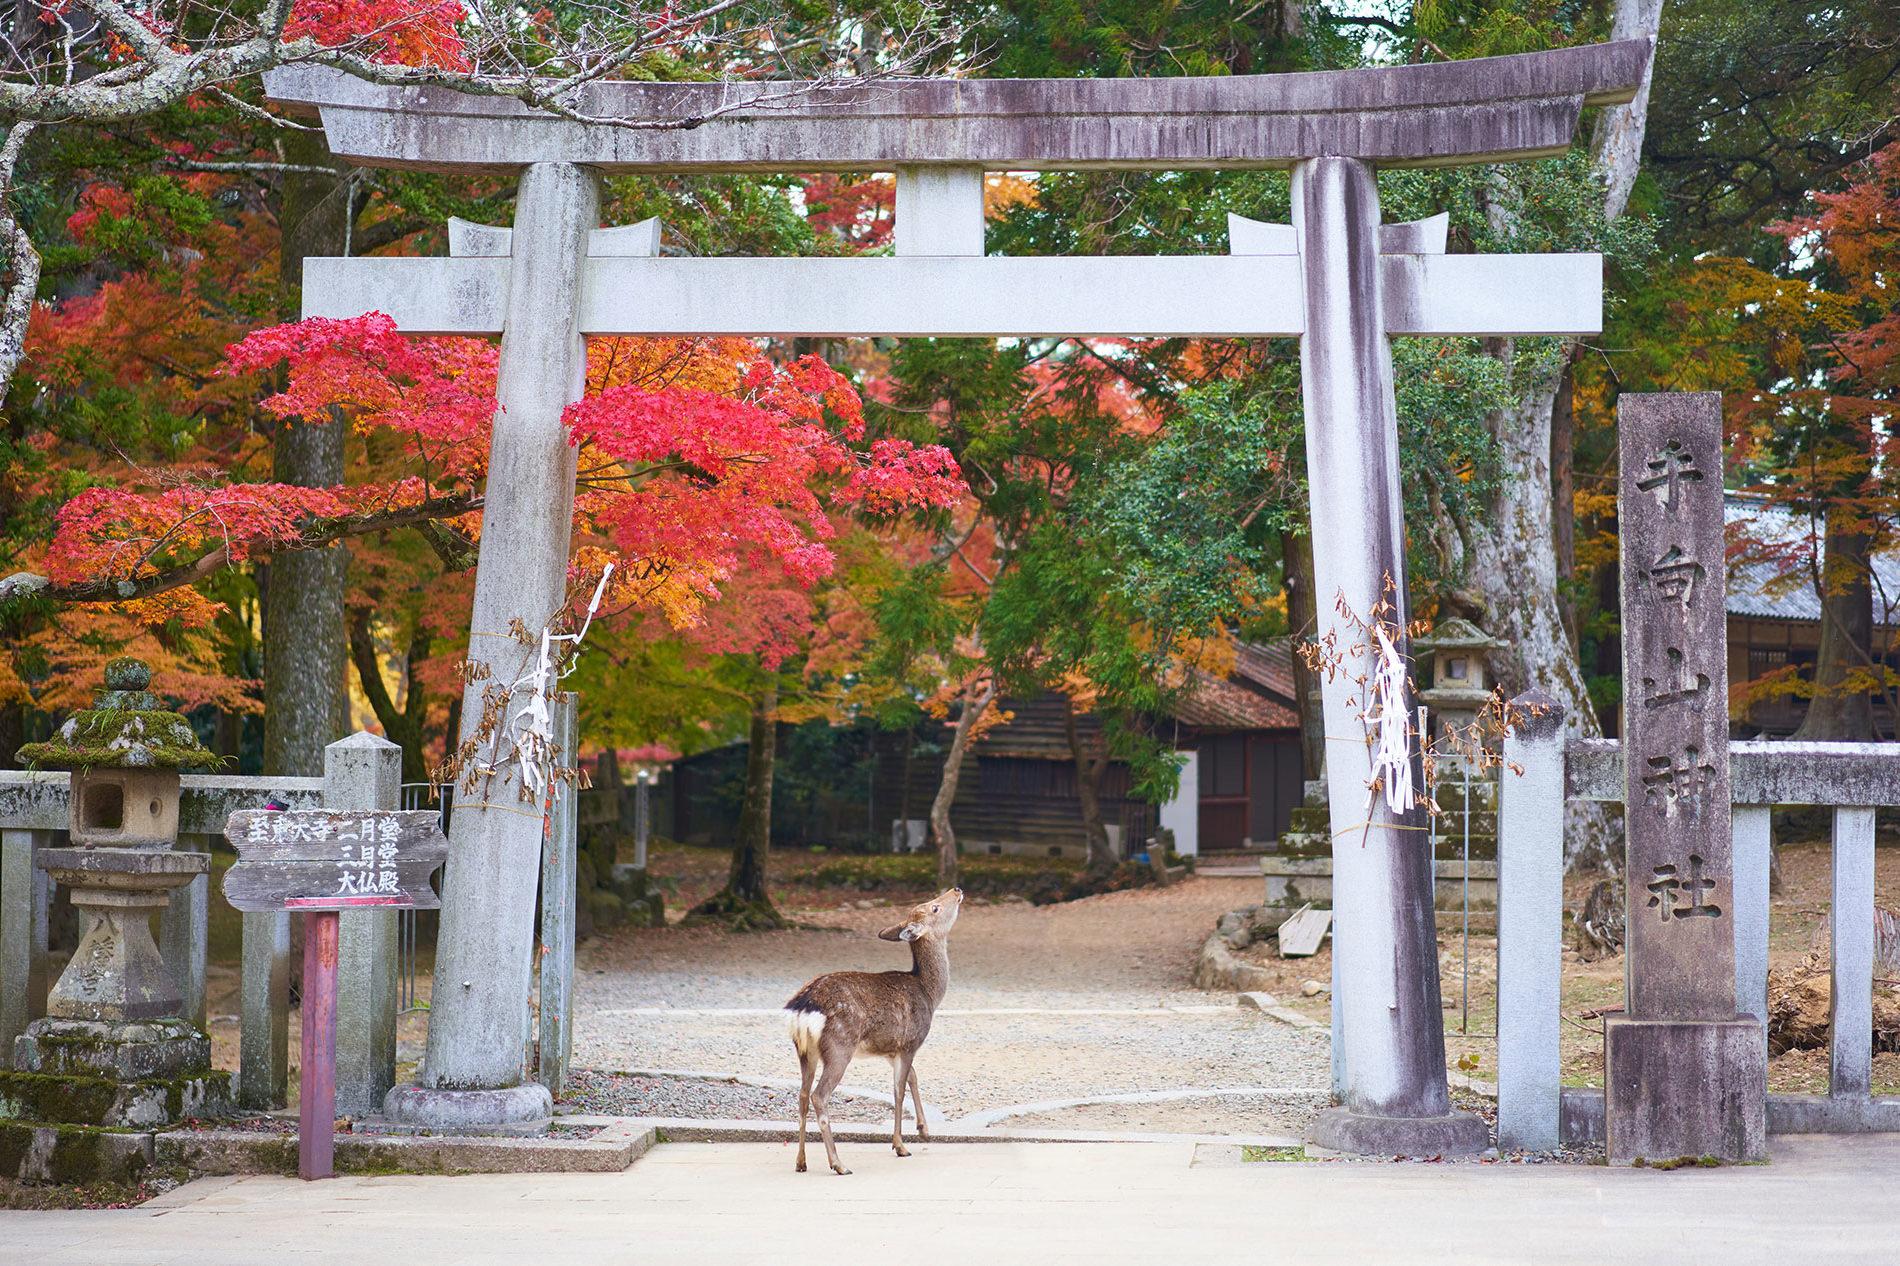 Ein Reh unter einem Schreintor in Nara. (Foto: Timo Volz auf Unsplash)